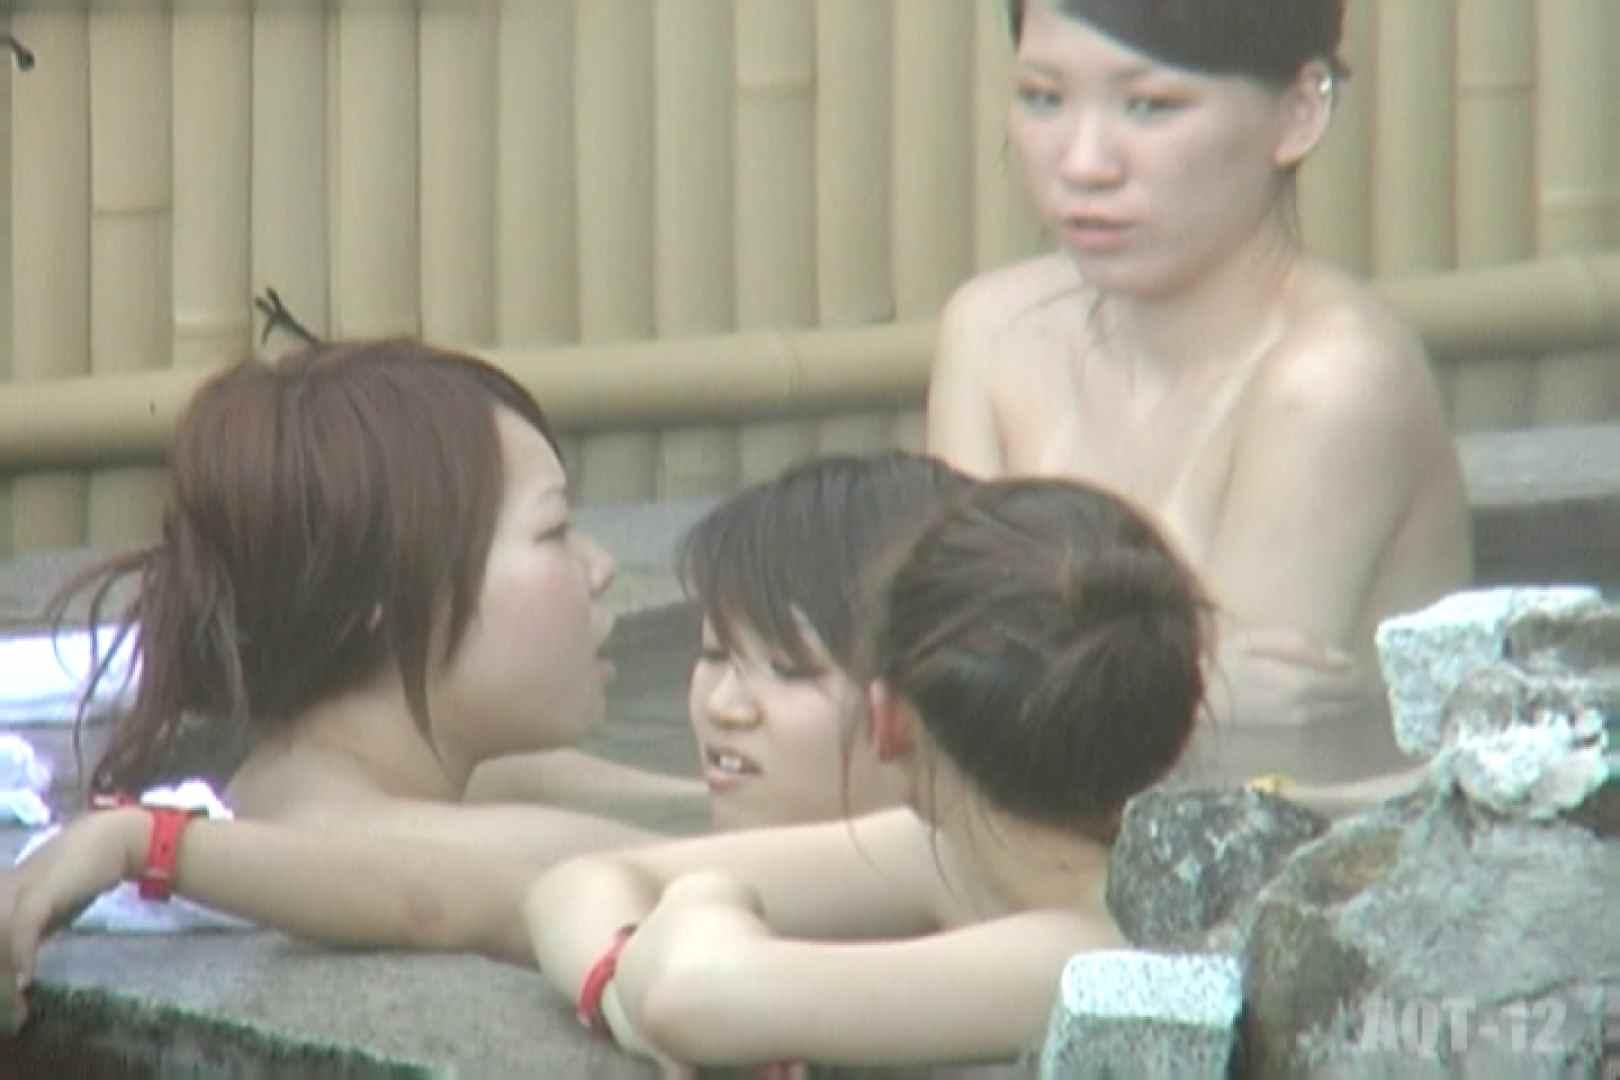 女露天風呂劇場 Vol.04 露天風呂の女子達  17画像 6